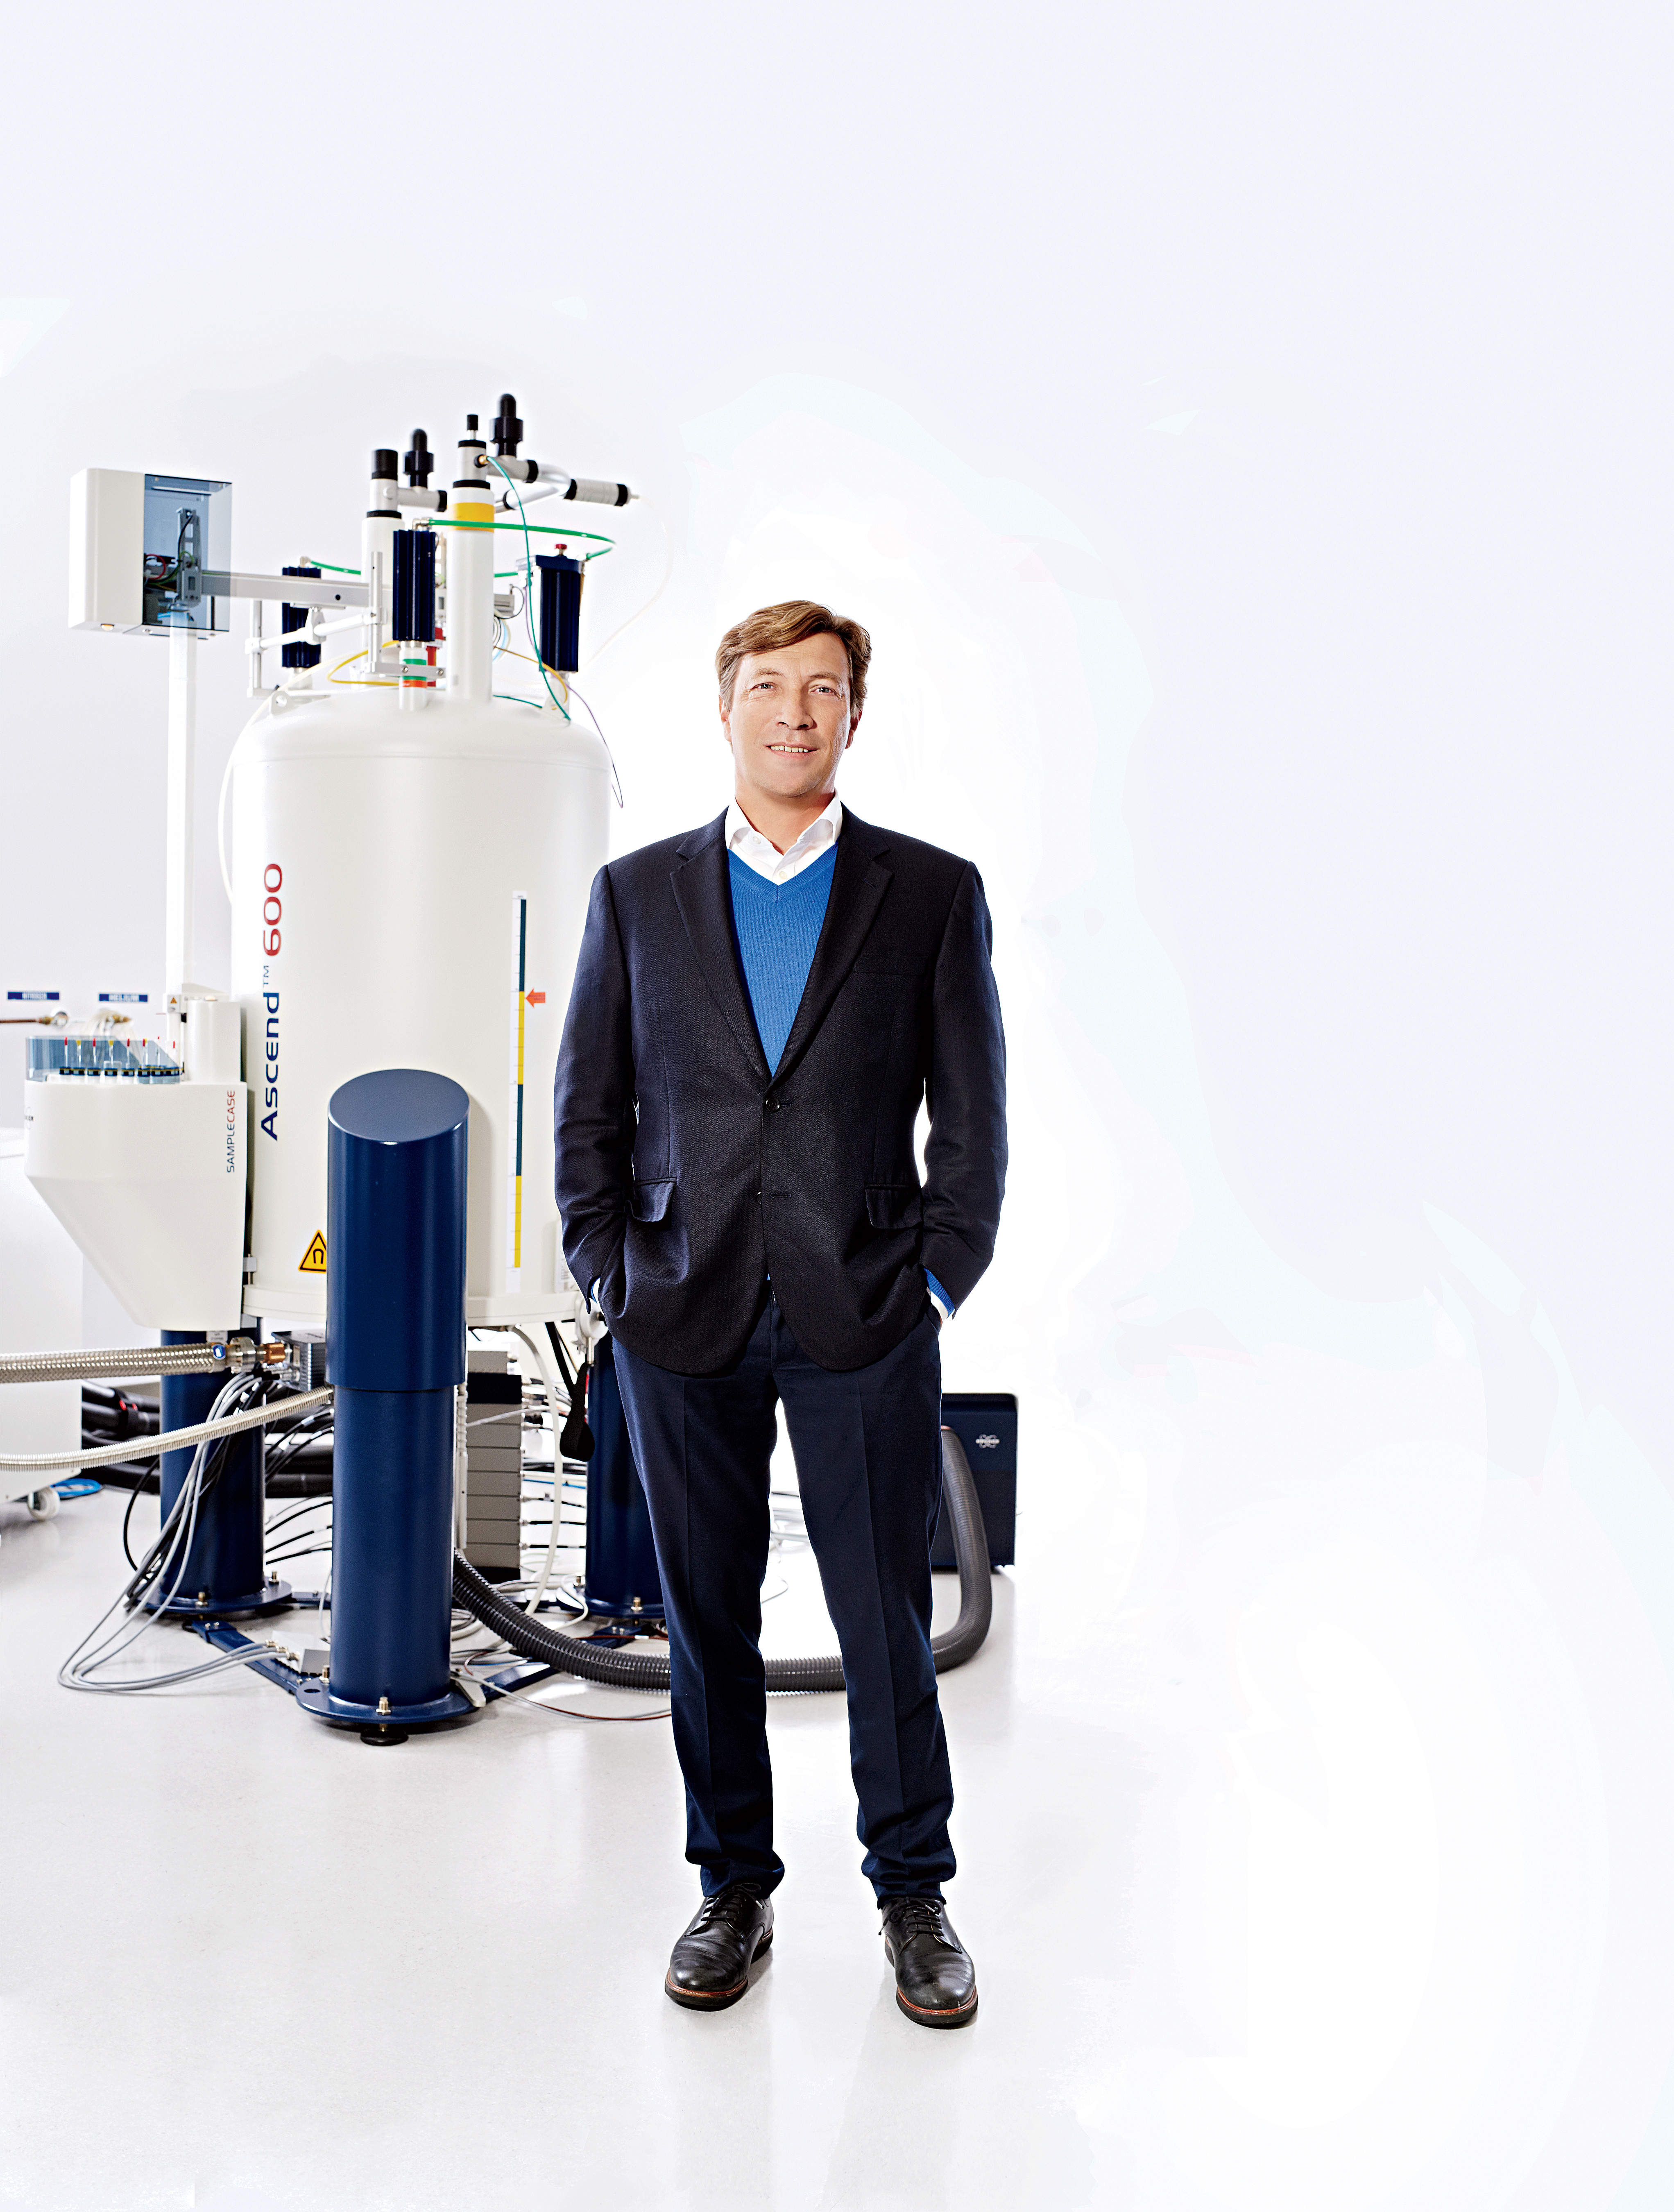 Гендиректор Incyte Эрве Оппно надеется, что его компания сможет изменить подход к лечению рака в США